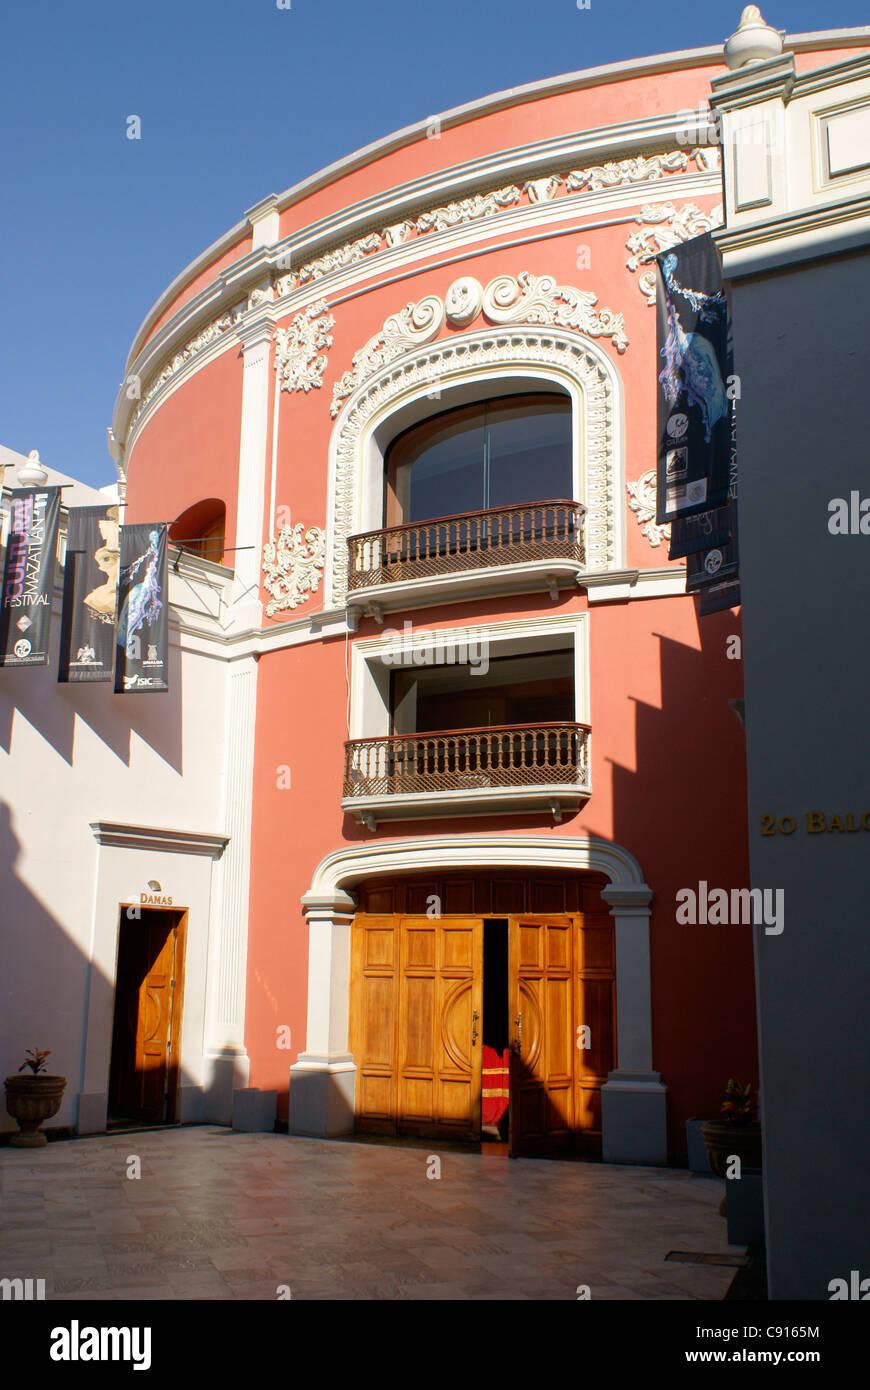 The Teatro Angela Peralta Theater in old Mazatlan, Sinaloa, Mexico - Stock Image